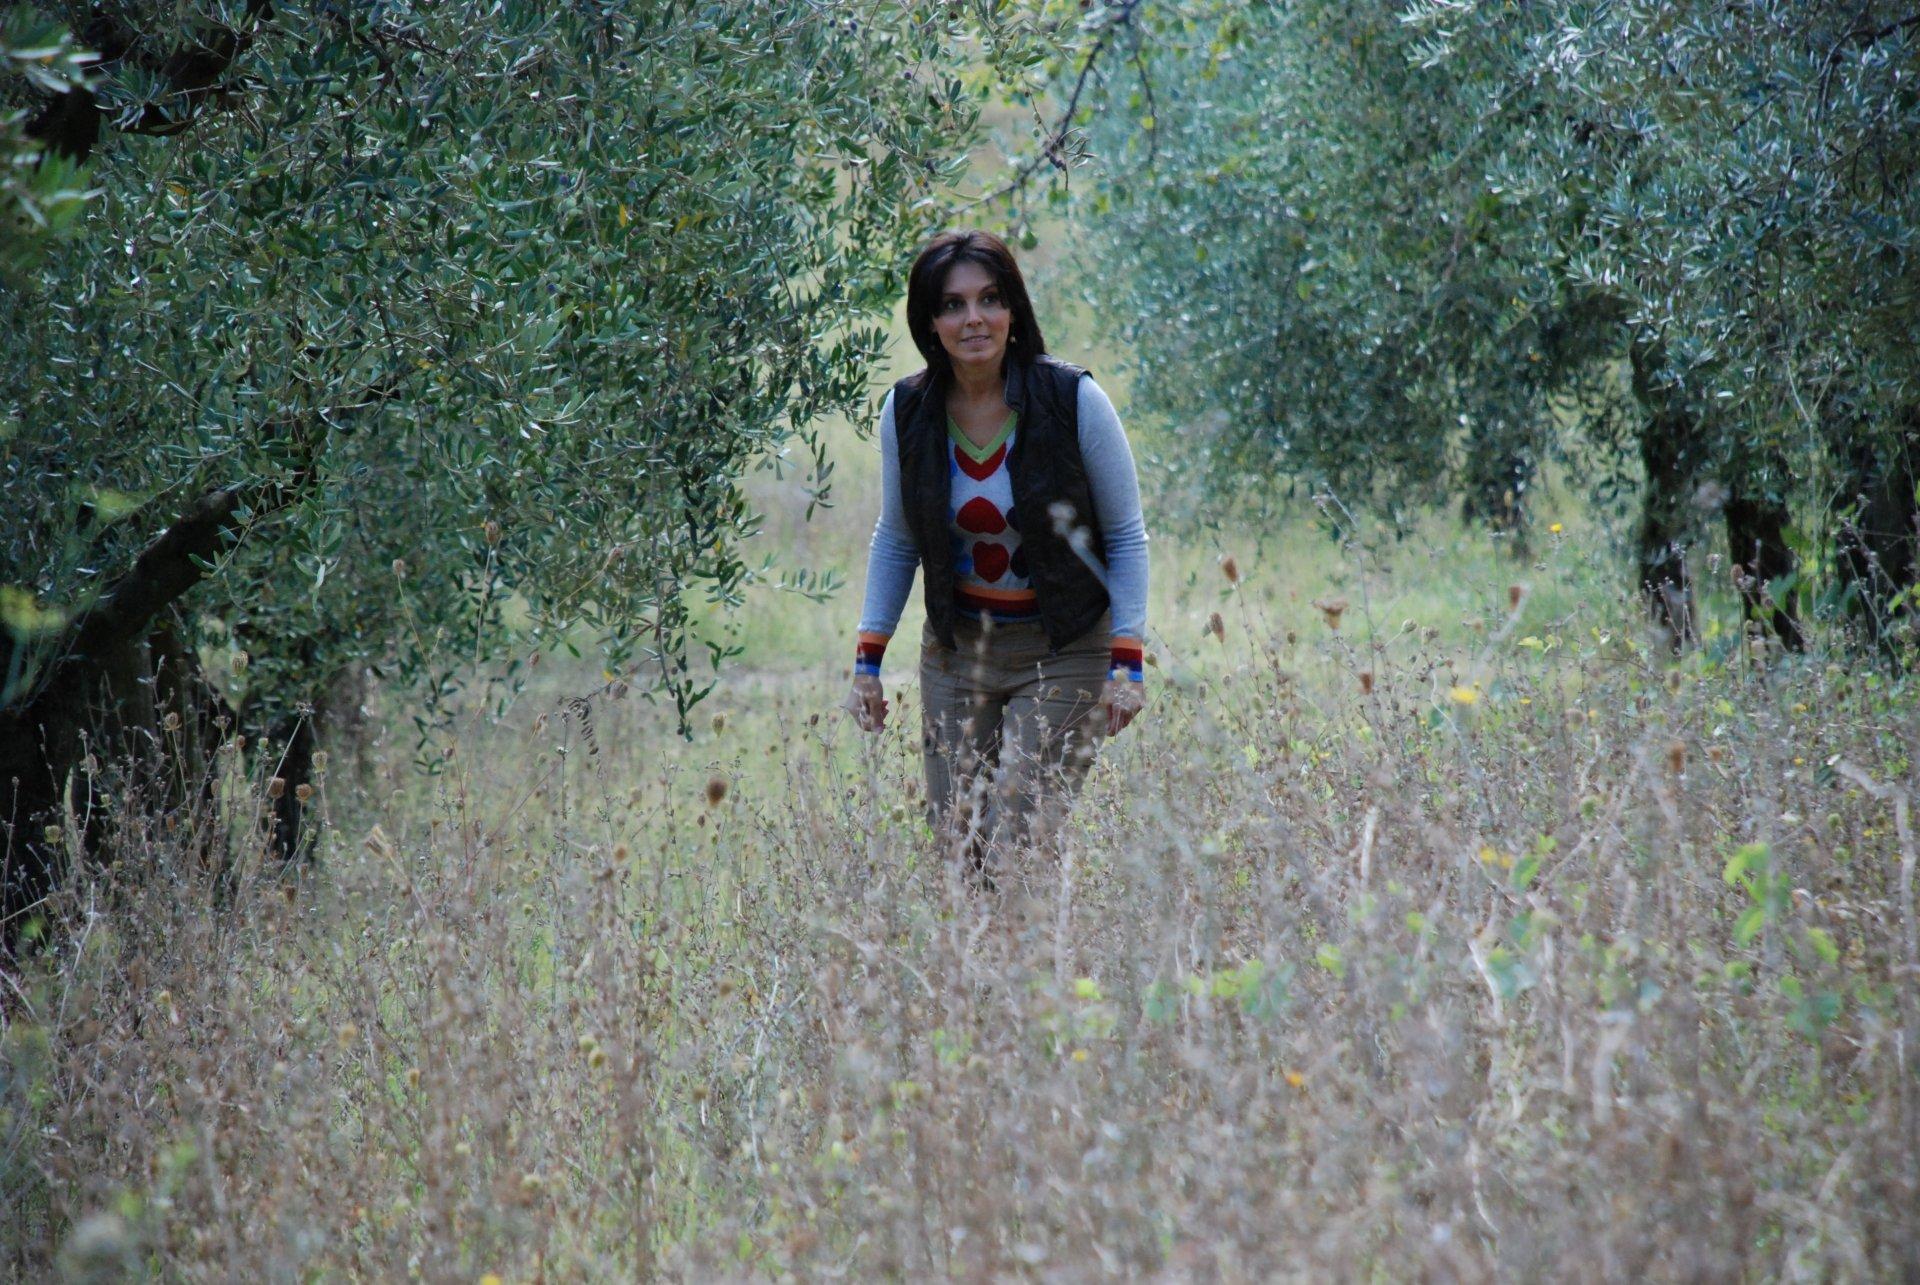 Milano, Oliamoci bene: una iniziativa di Fattoria Petrini sulla centralità salutistica degli oli da olive